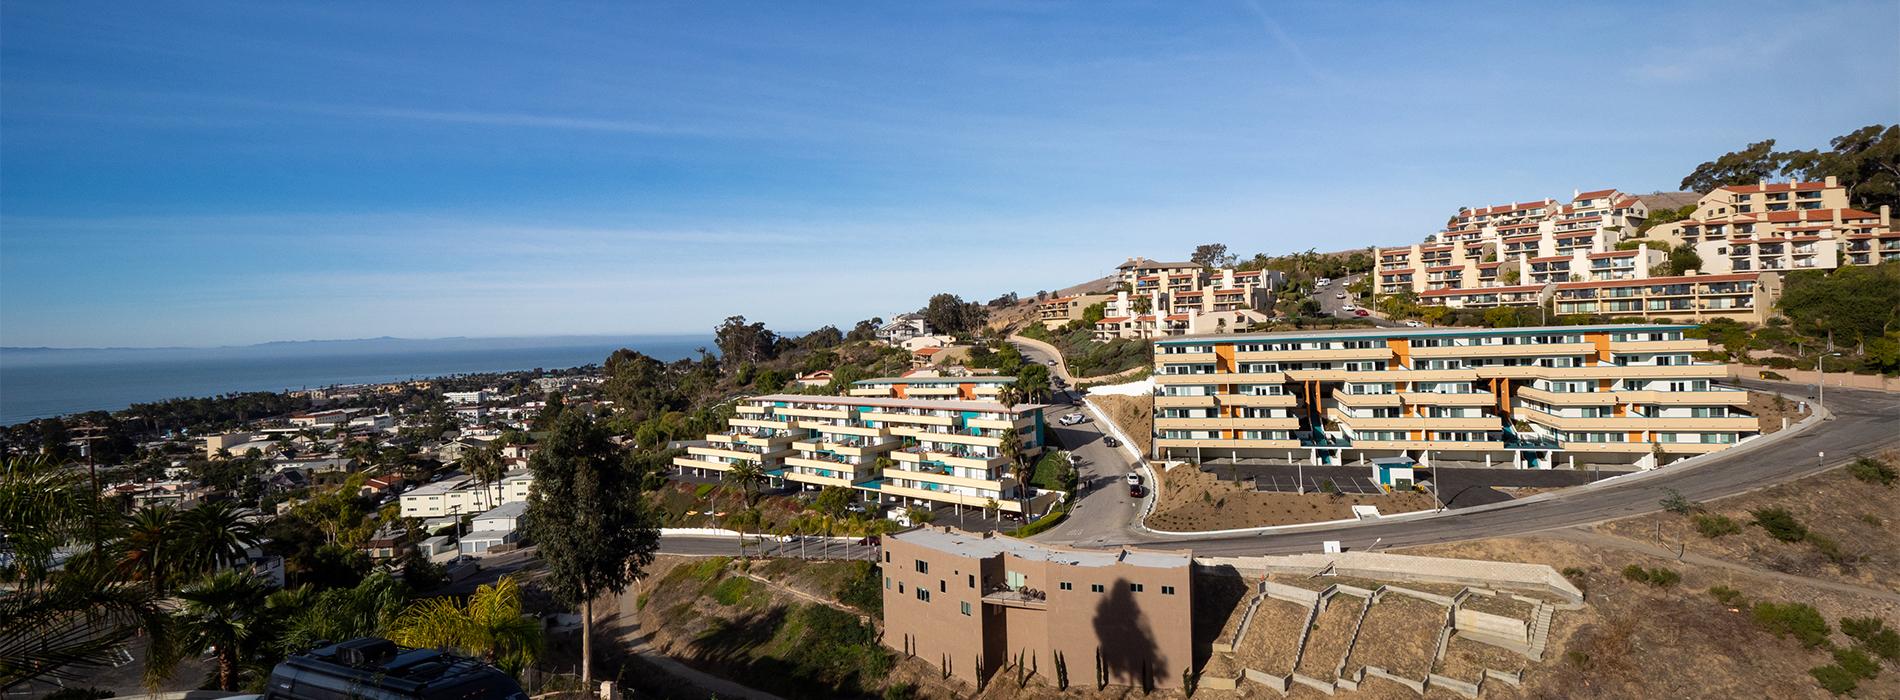 Harbor View Villas